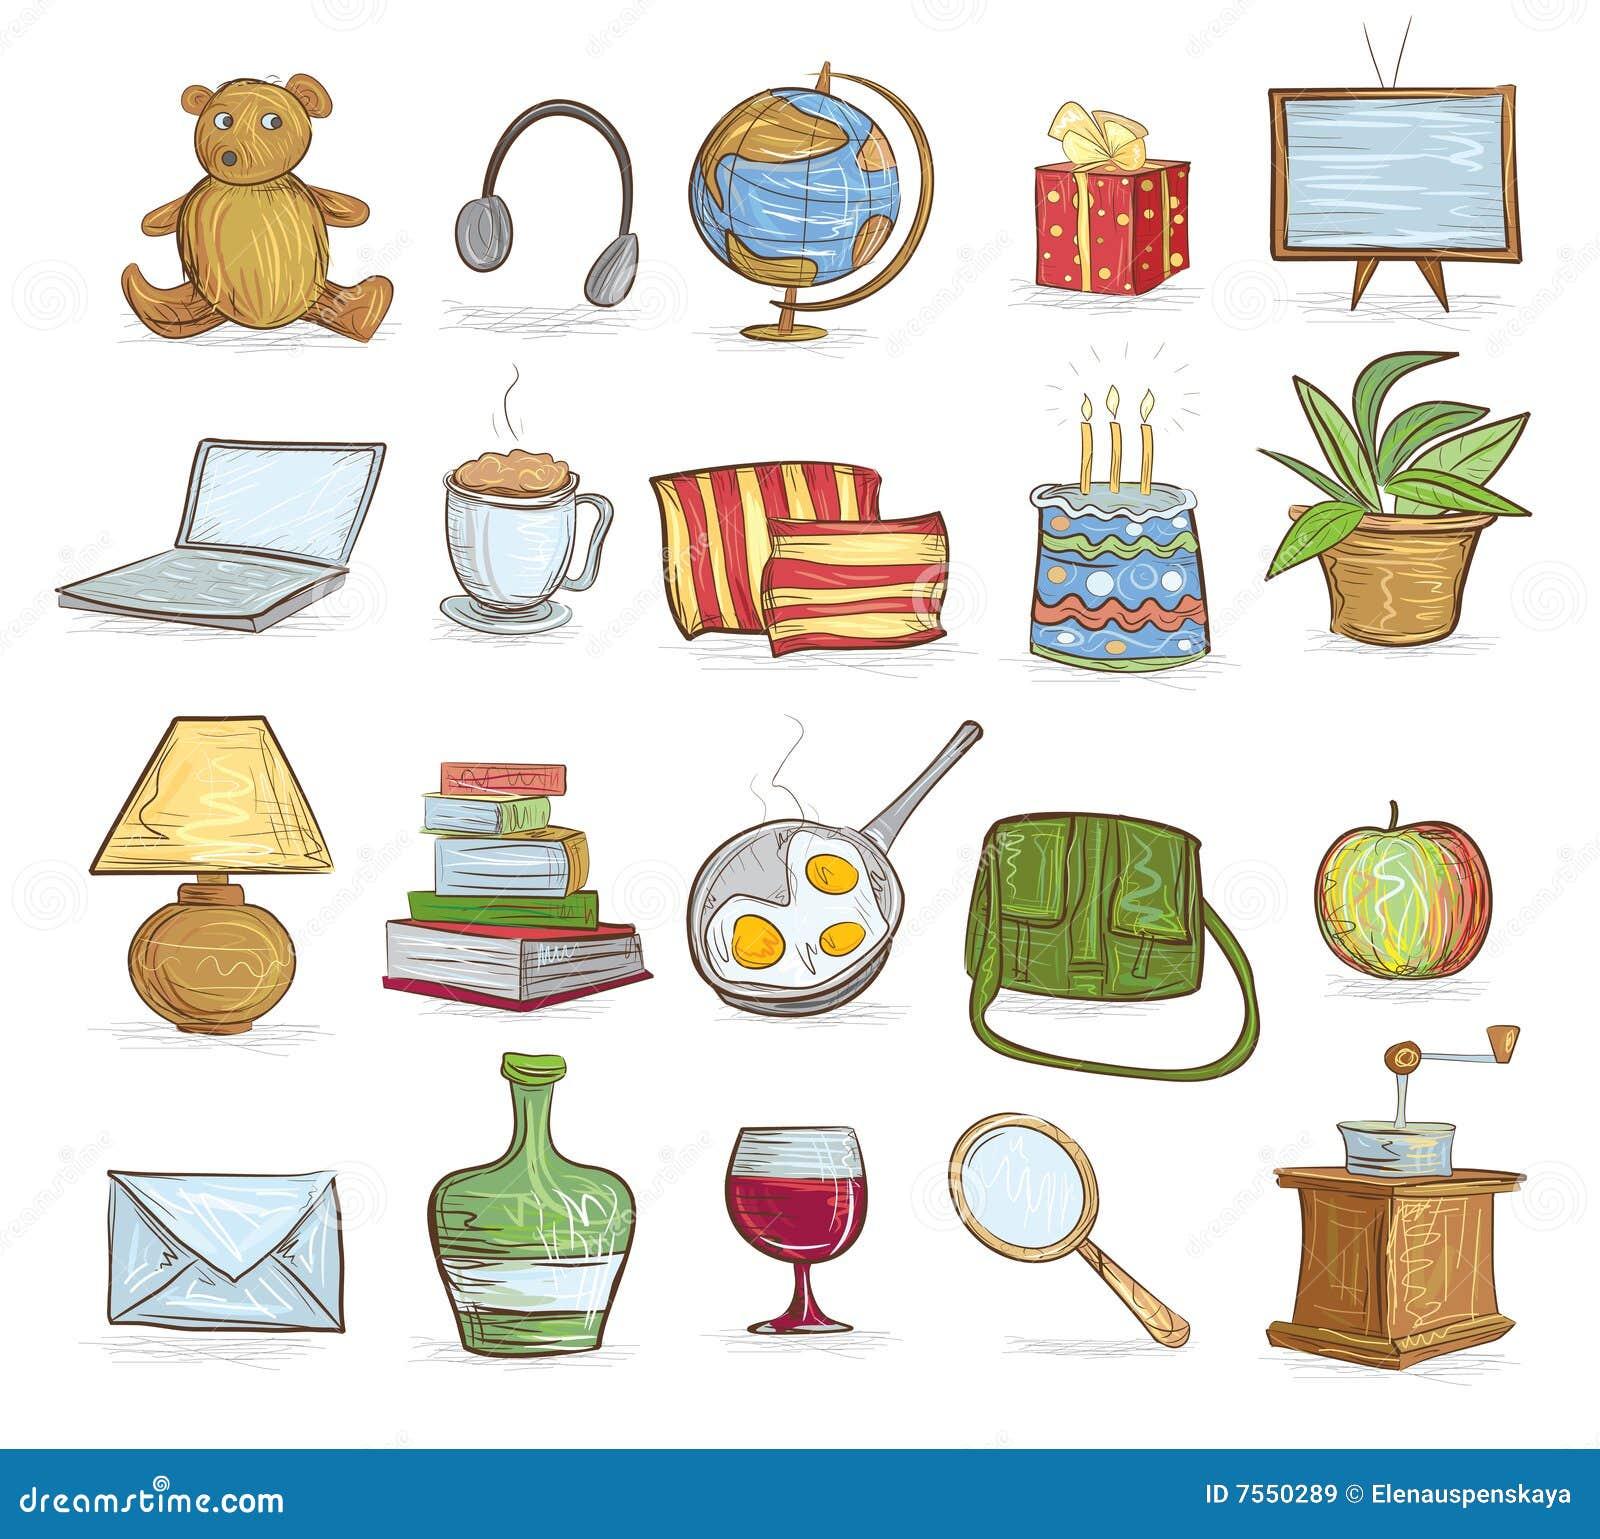 Objetos del hogar ilustraci n del vector ilustraci n de for Cosas del hogar online